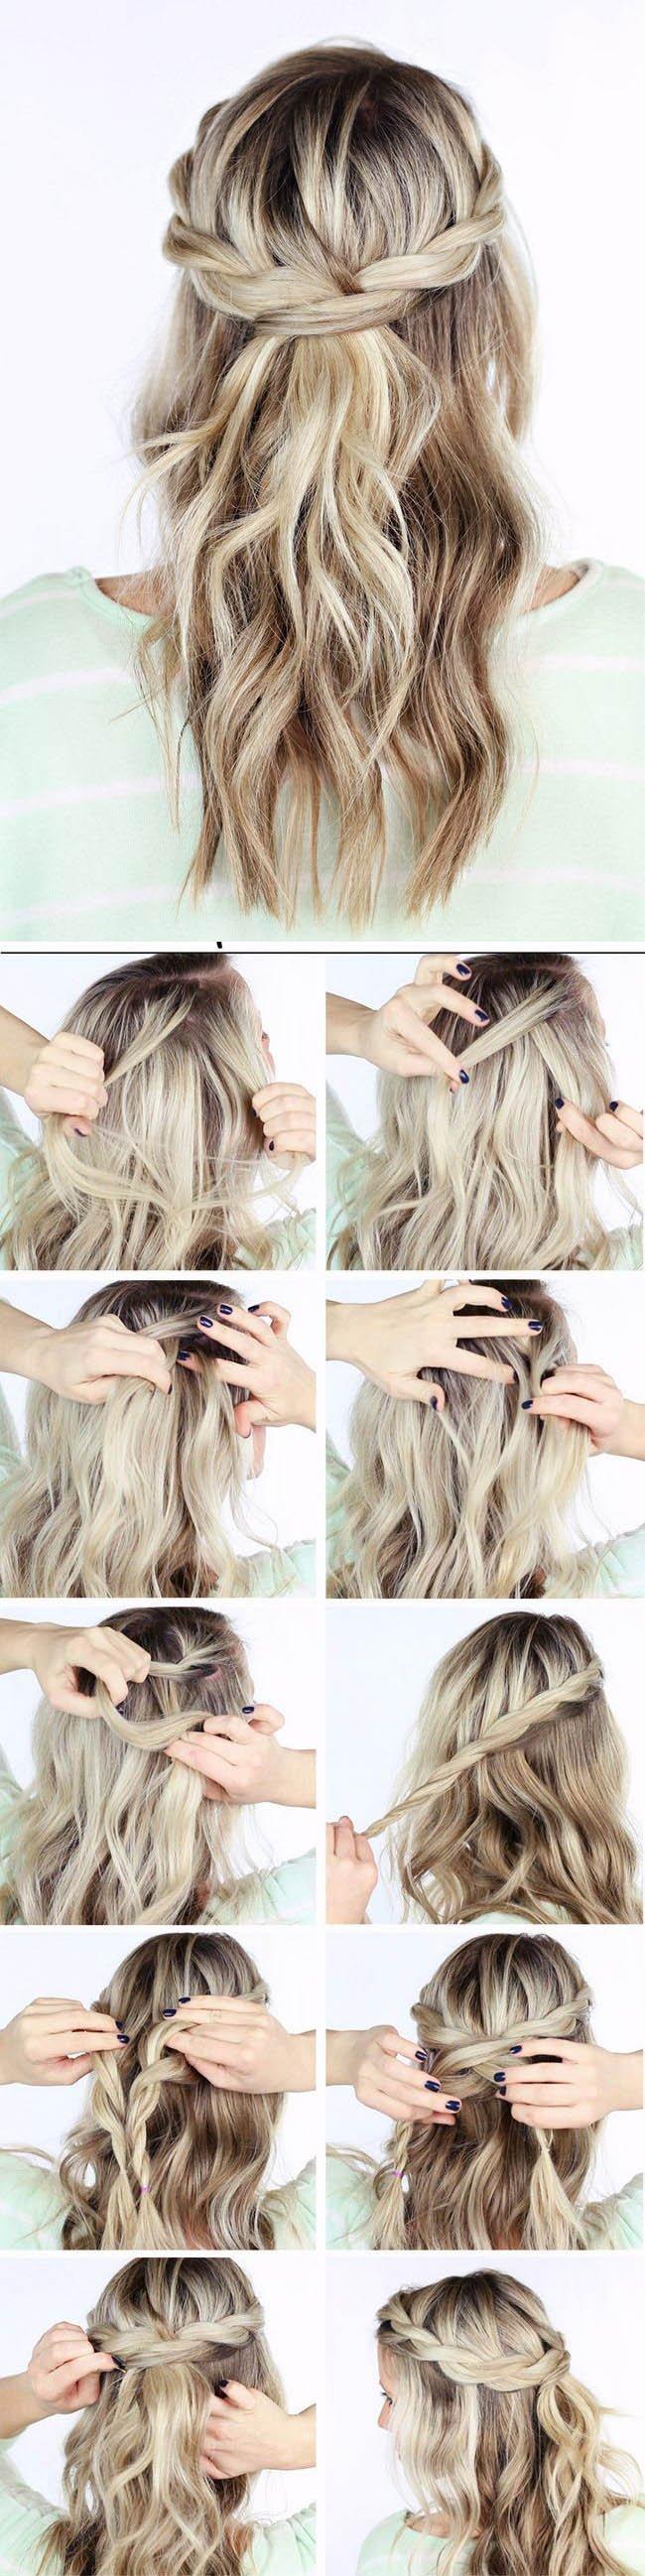 penteados-simples-10